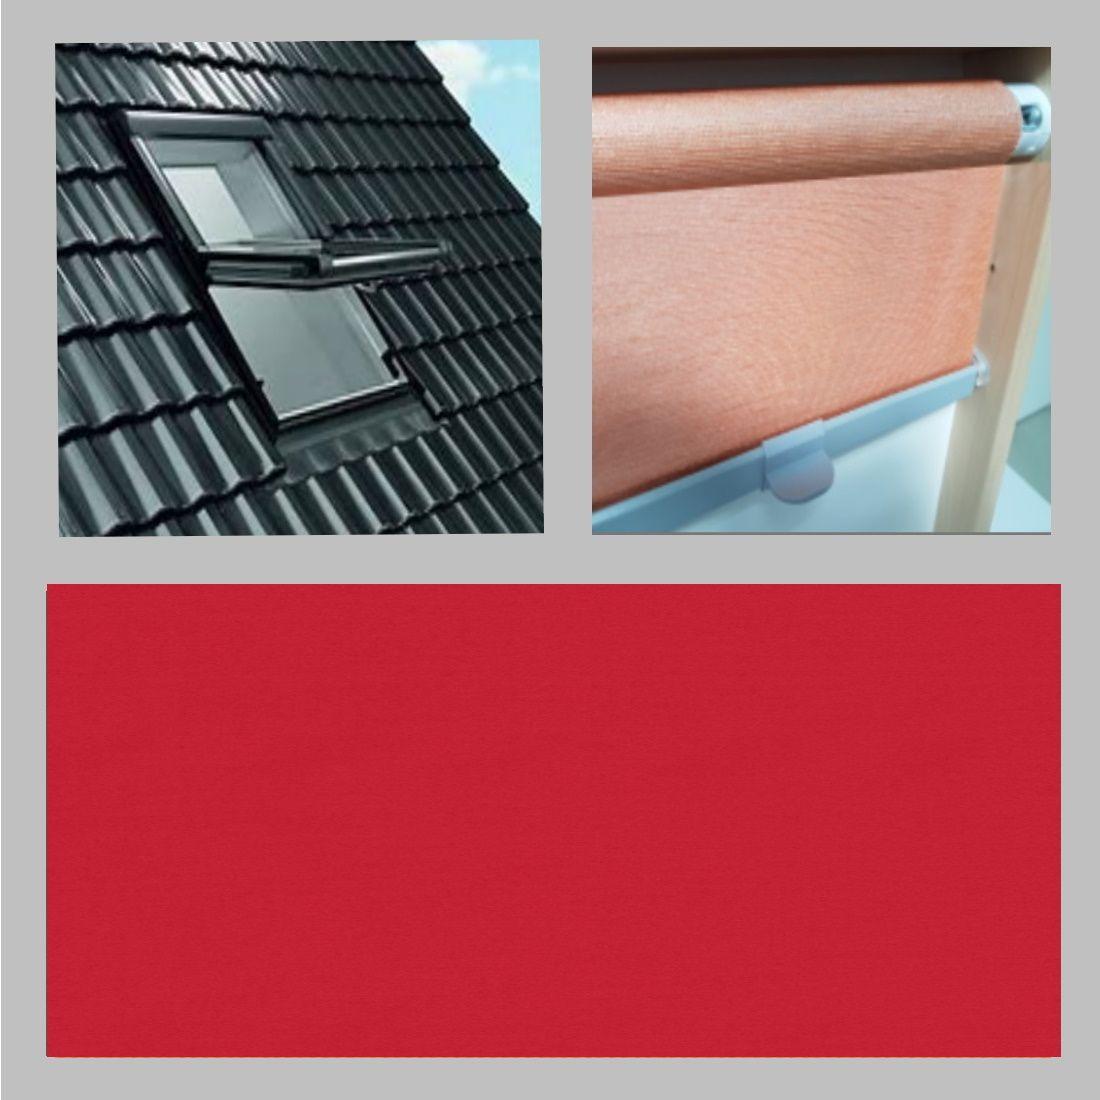 Thermo-Abdunkelung für FAKRO Dachfenster. Basic-Rollo - einfach aber gut!  Wir sind Experten für Dachfensterrollos